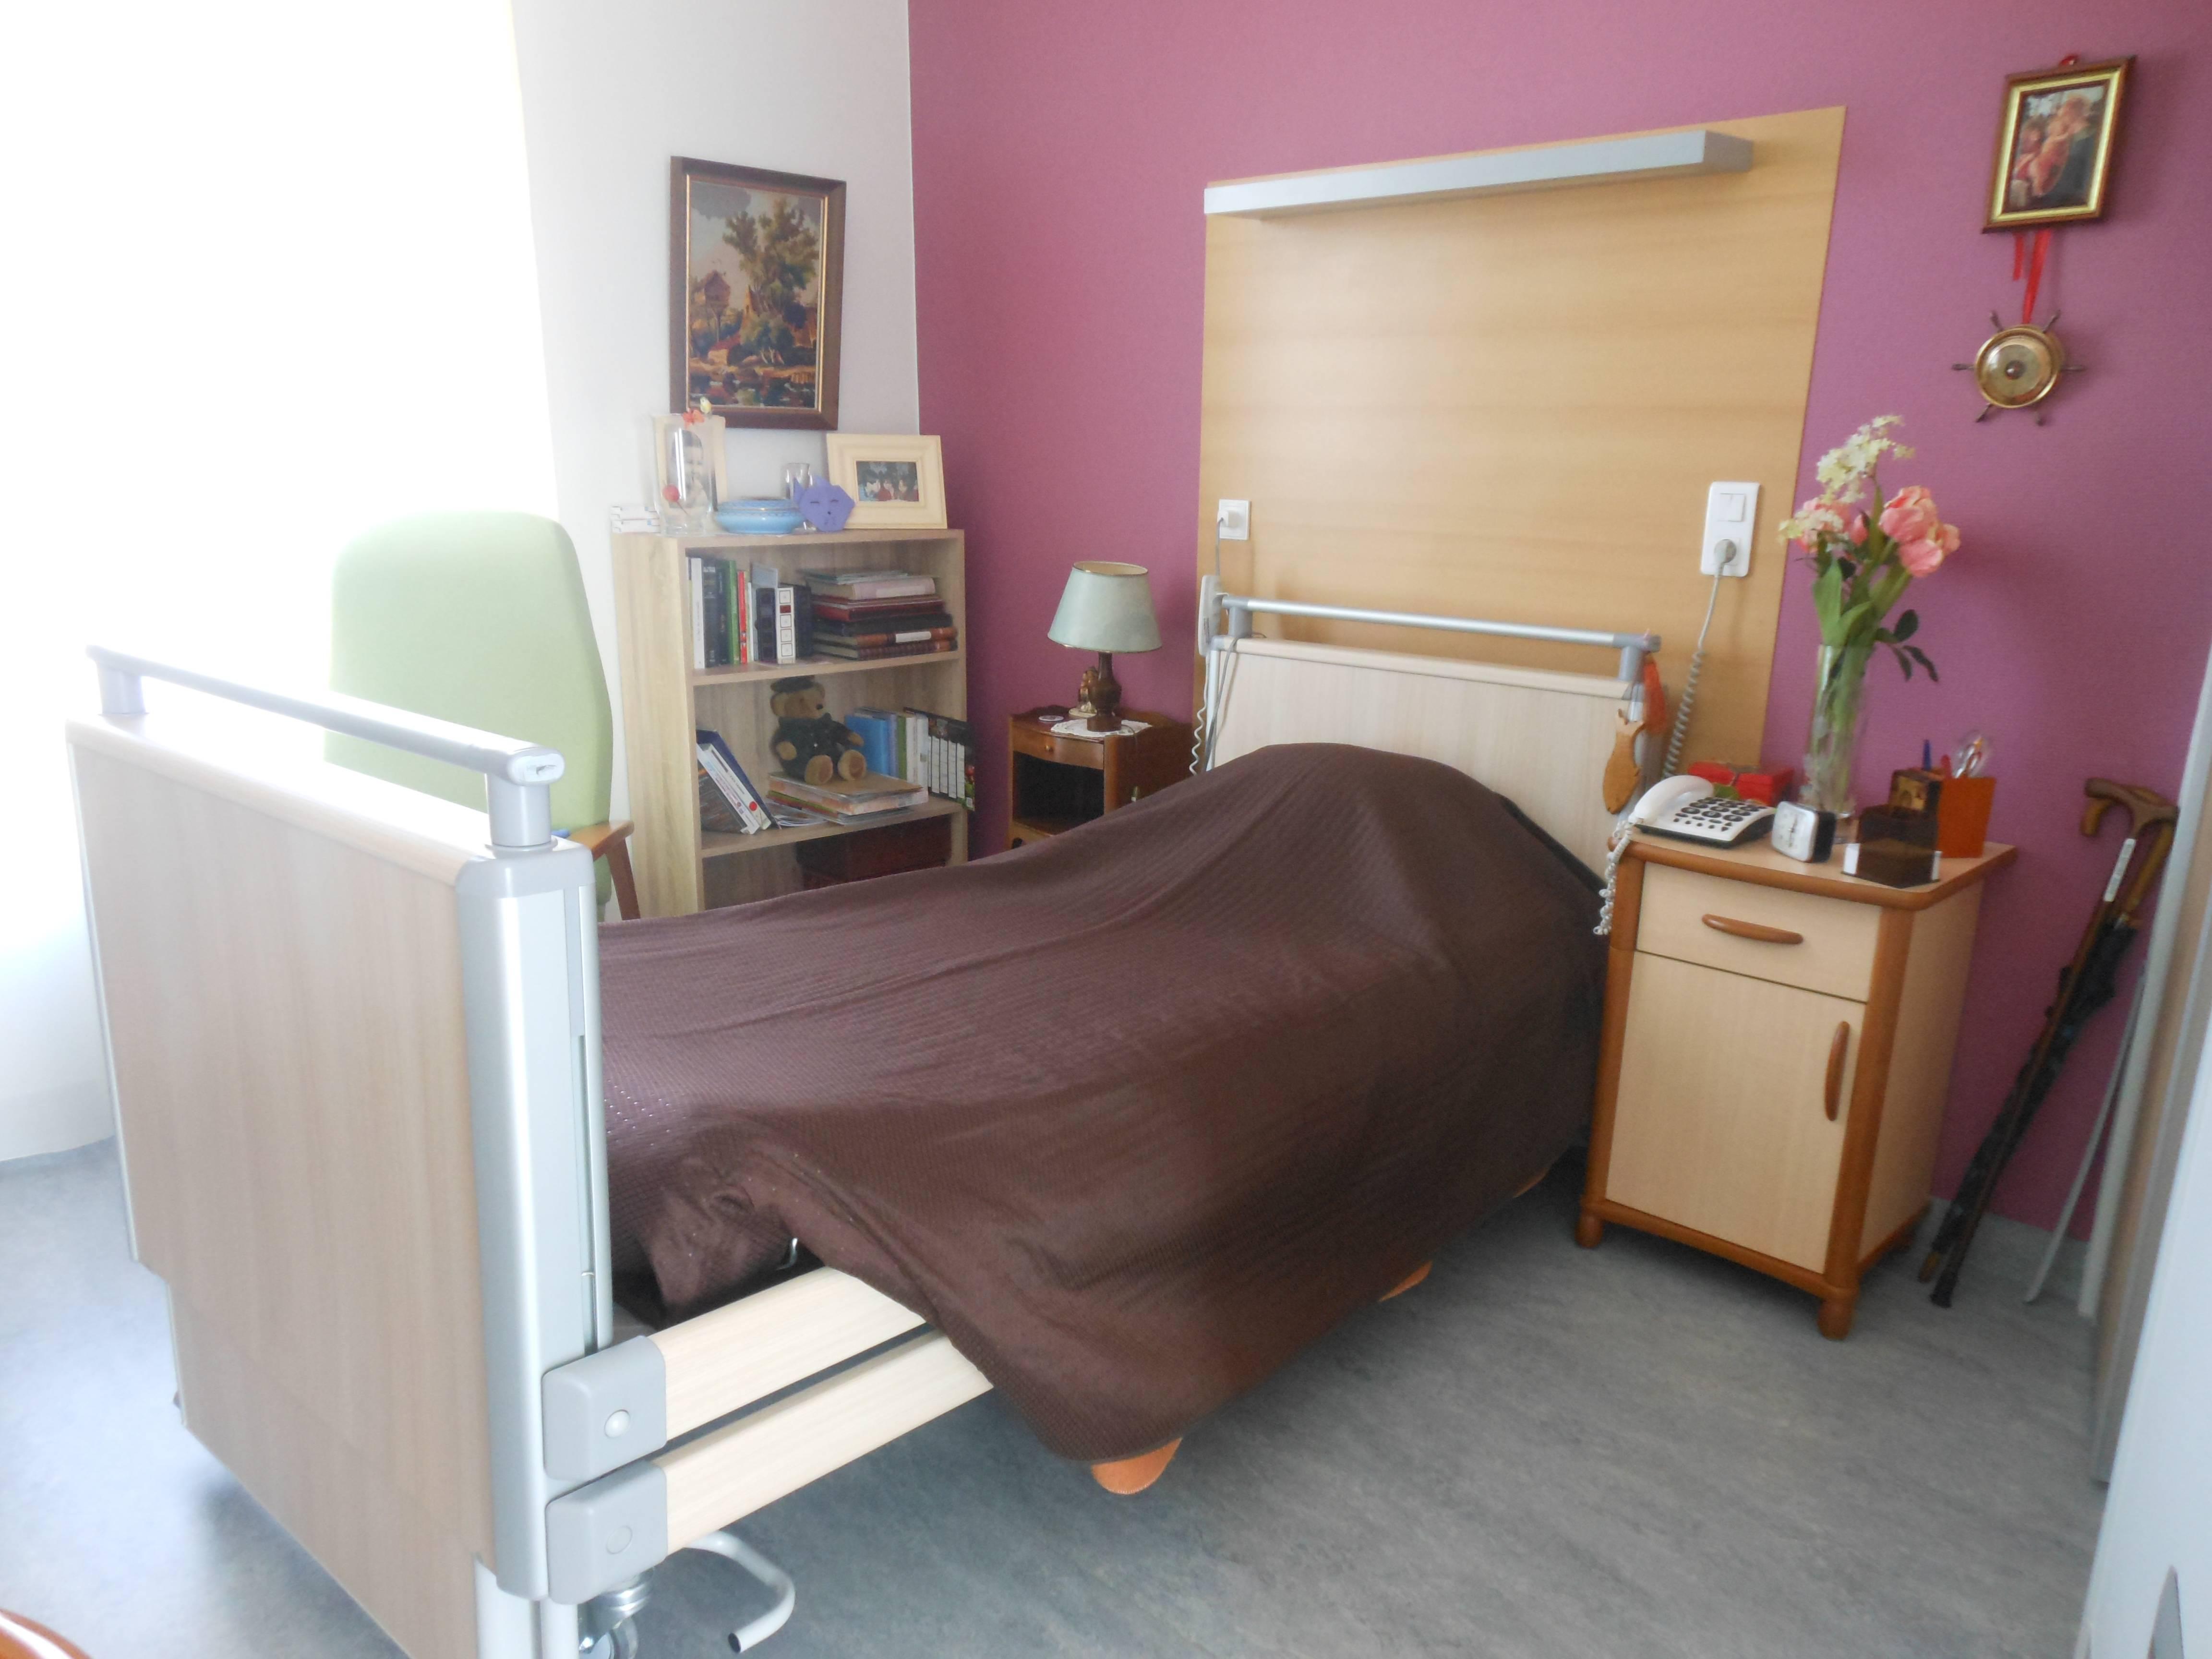 Ehpad andrezieux bouth on maisons de retraite - Acheter une chambre en maison de retraite ...